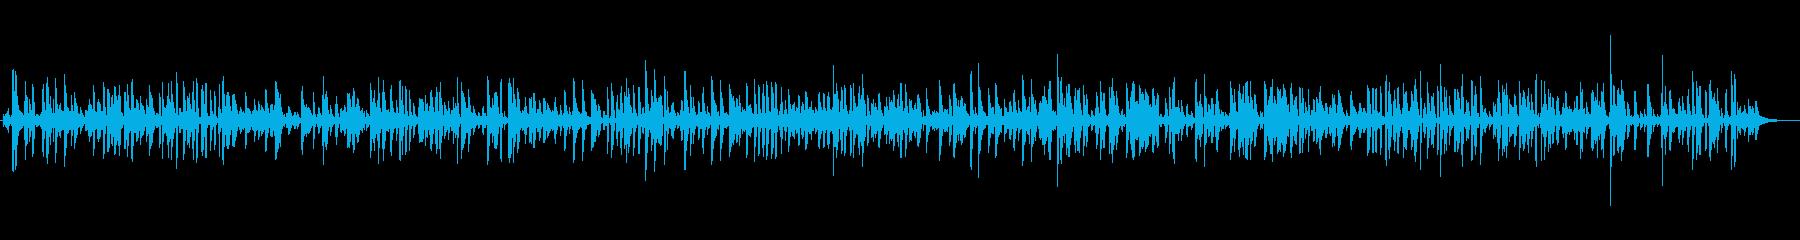 BGM|お洒落なジャズピアノ|店舗・映像の再生済みの波形